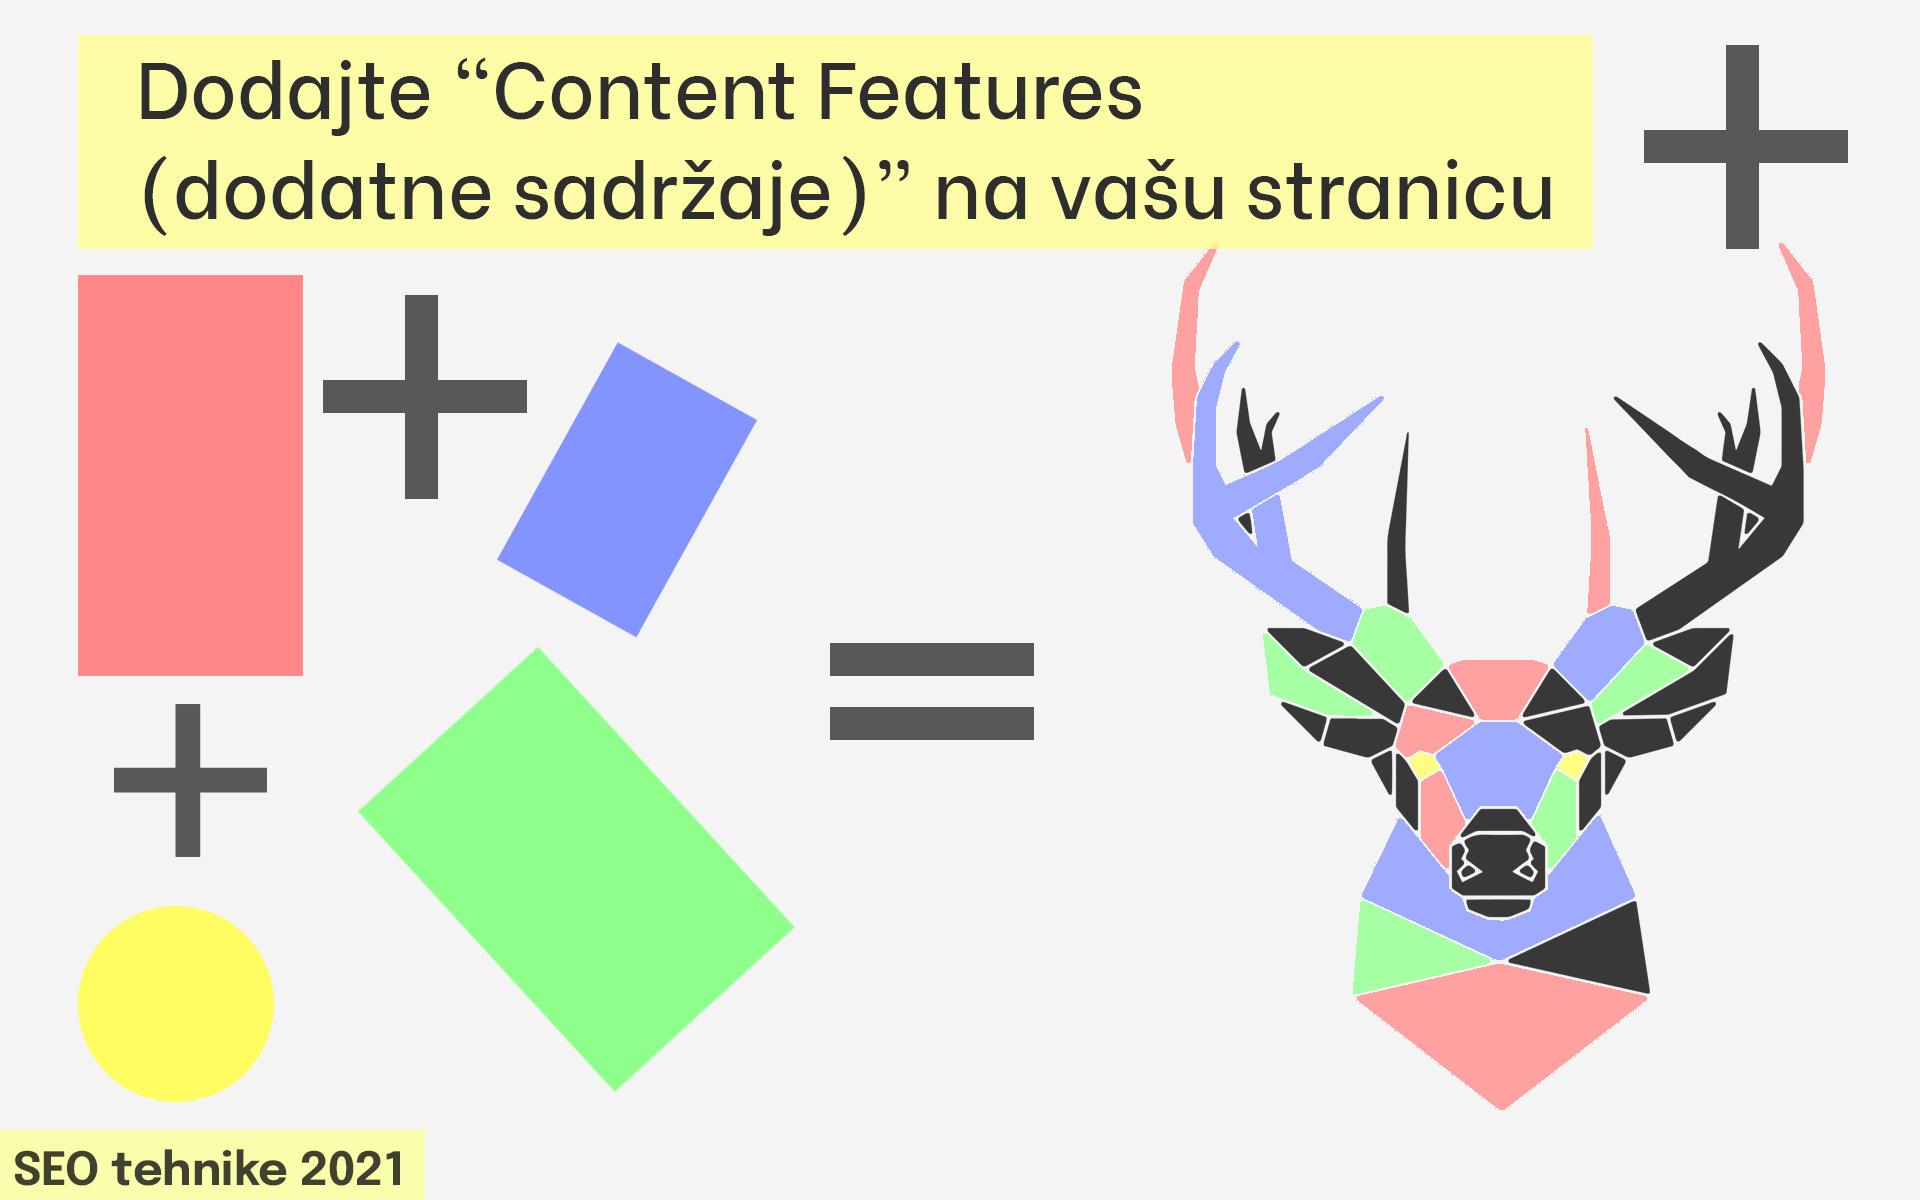 SEO tehnike 2021 bonus content dodatni sadrzaji